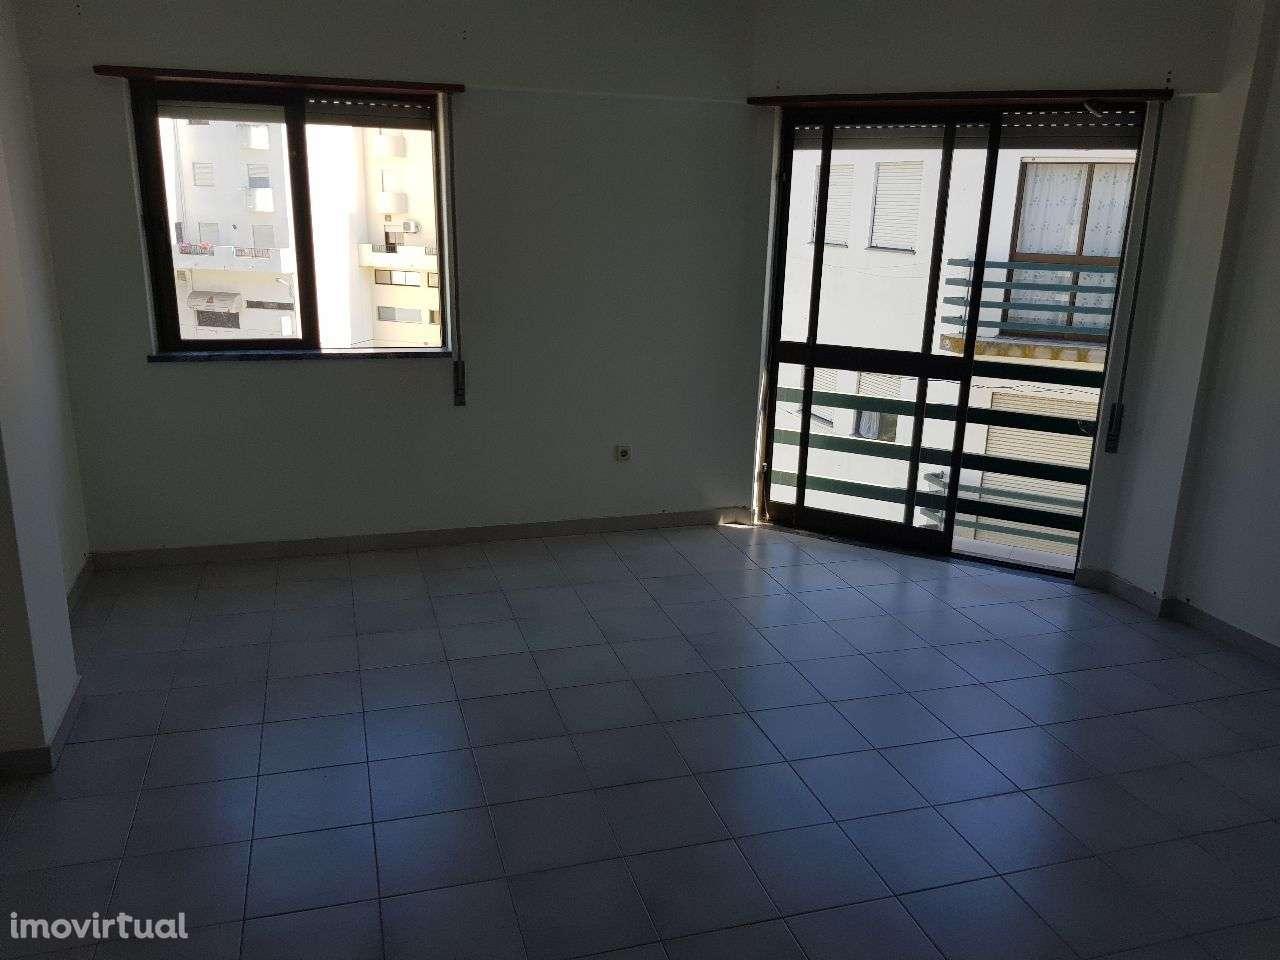 Apartamento para arrendar, Santarém (Marvila), Santa Iria da Ribeira de Santarém, Santarém (São Salvador) e Santarém (São Nicolau), Santarém - Foto 2